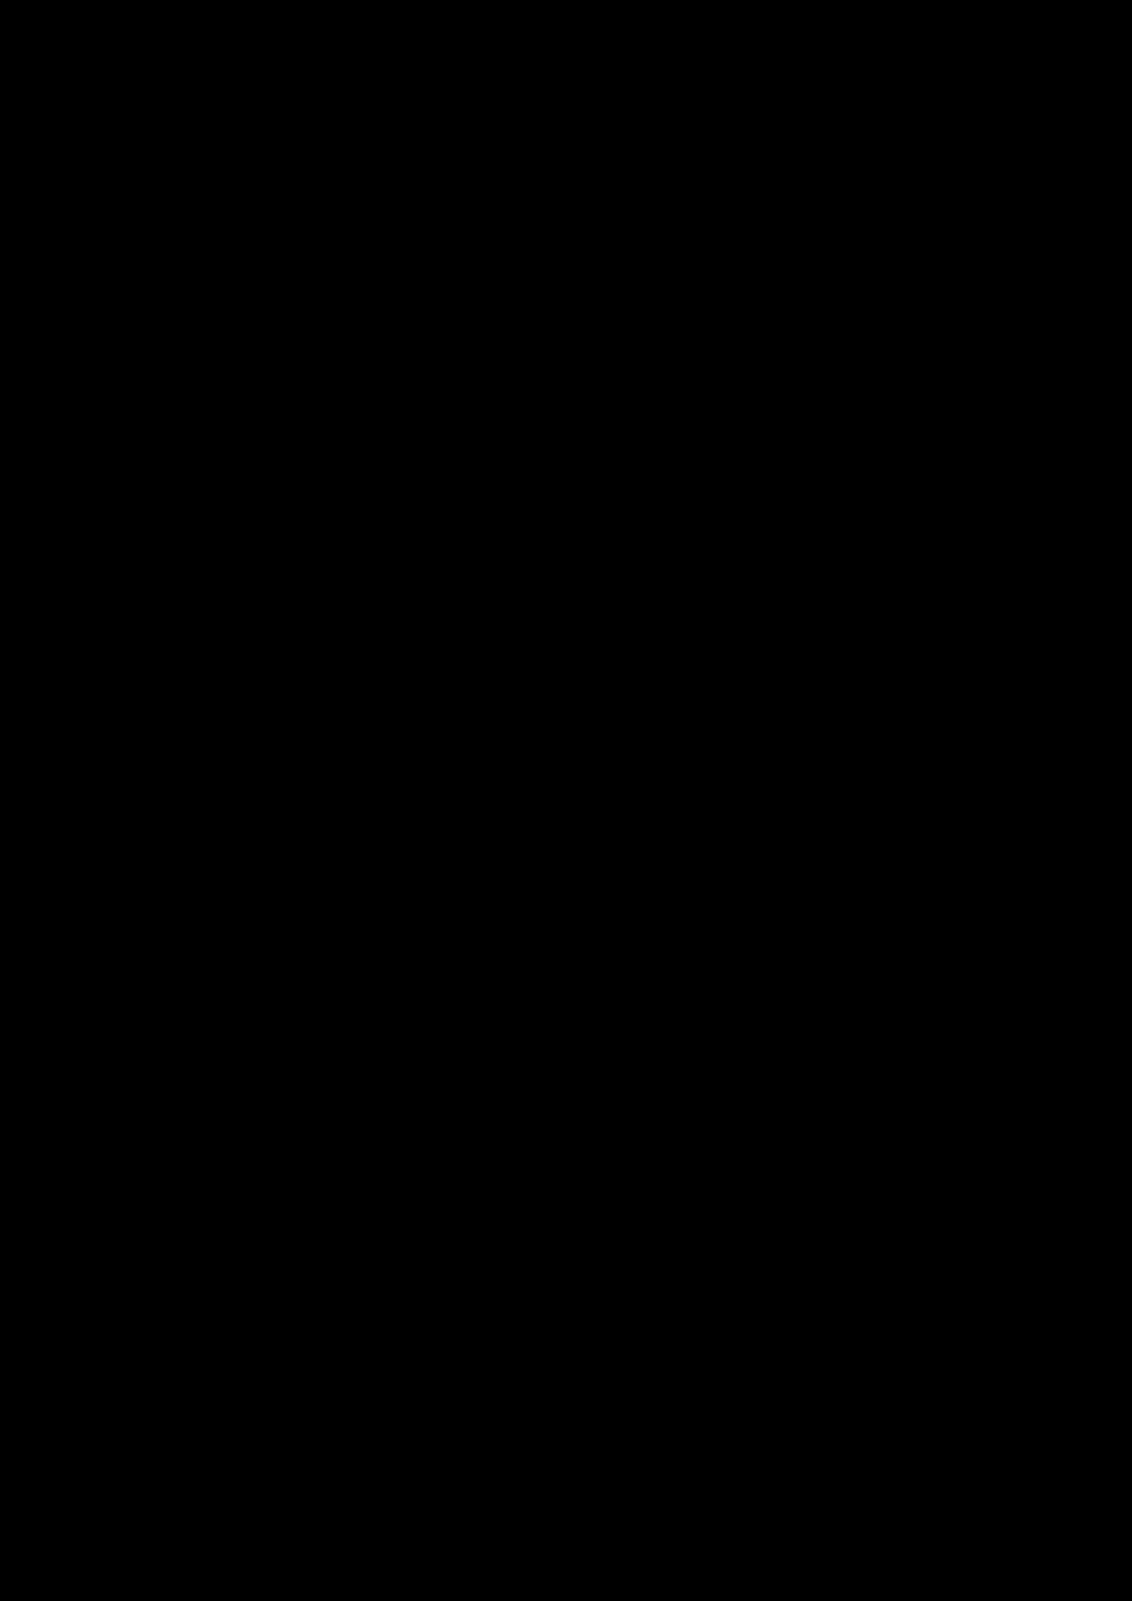 Zagadka volshebnoy stranyi slide, Image 79